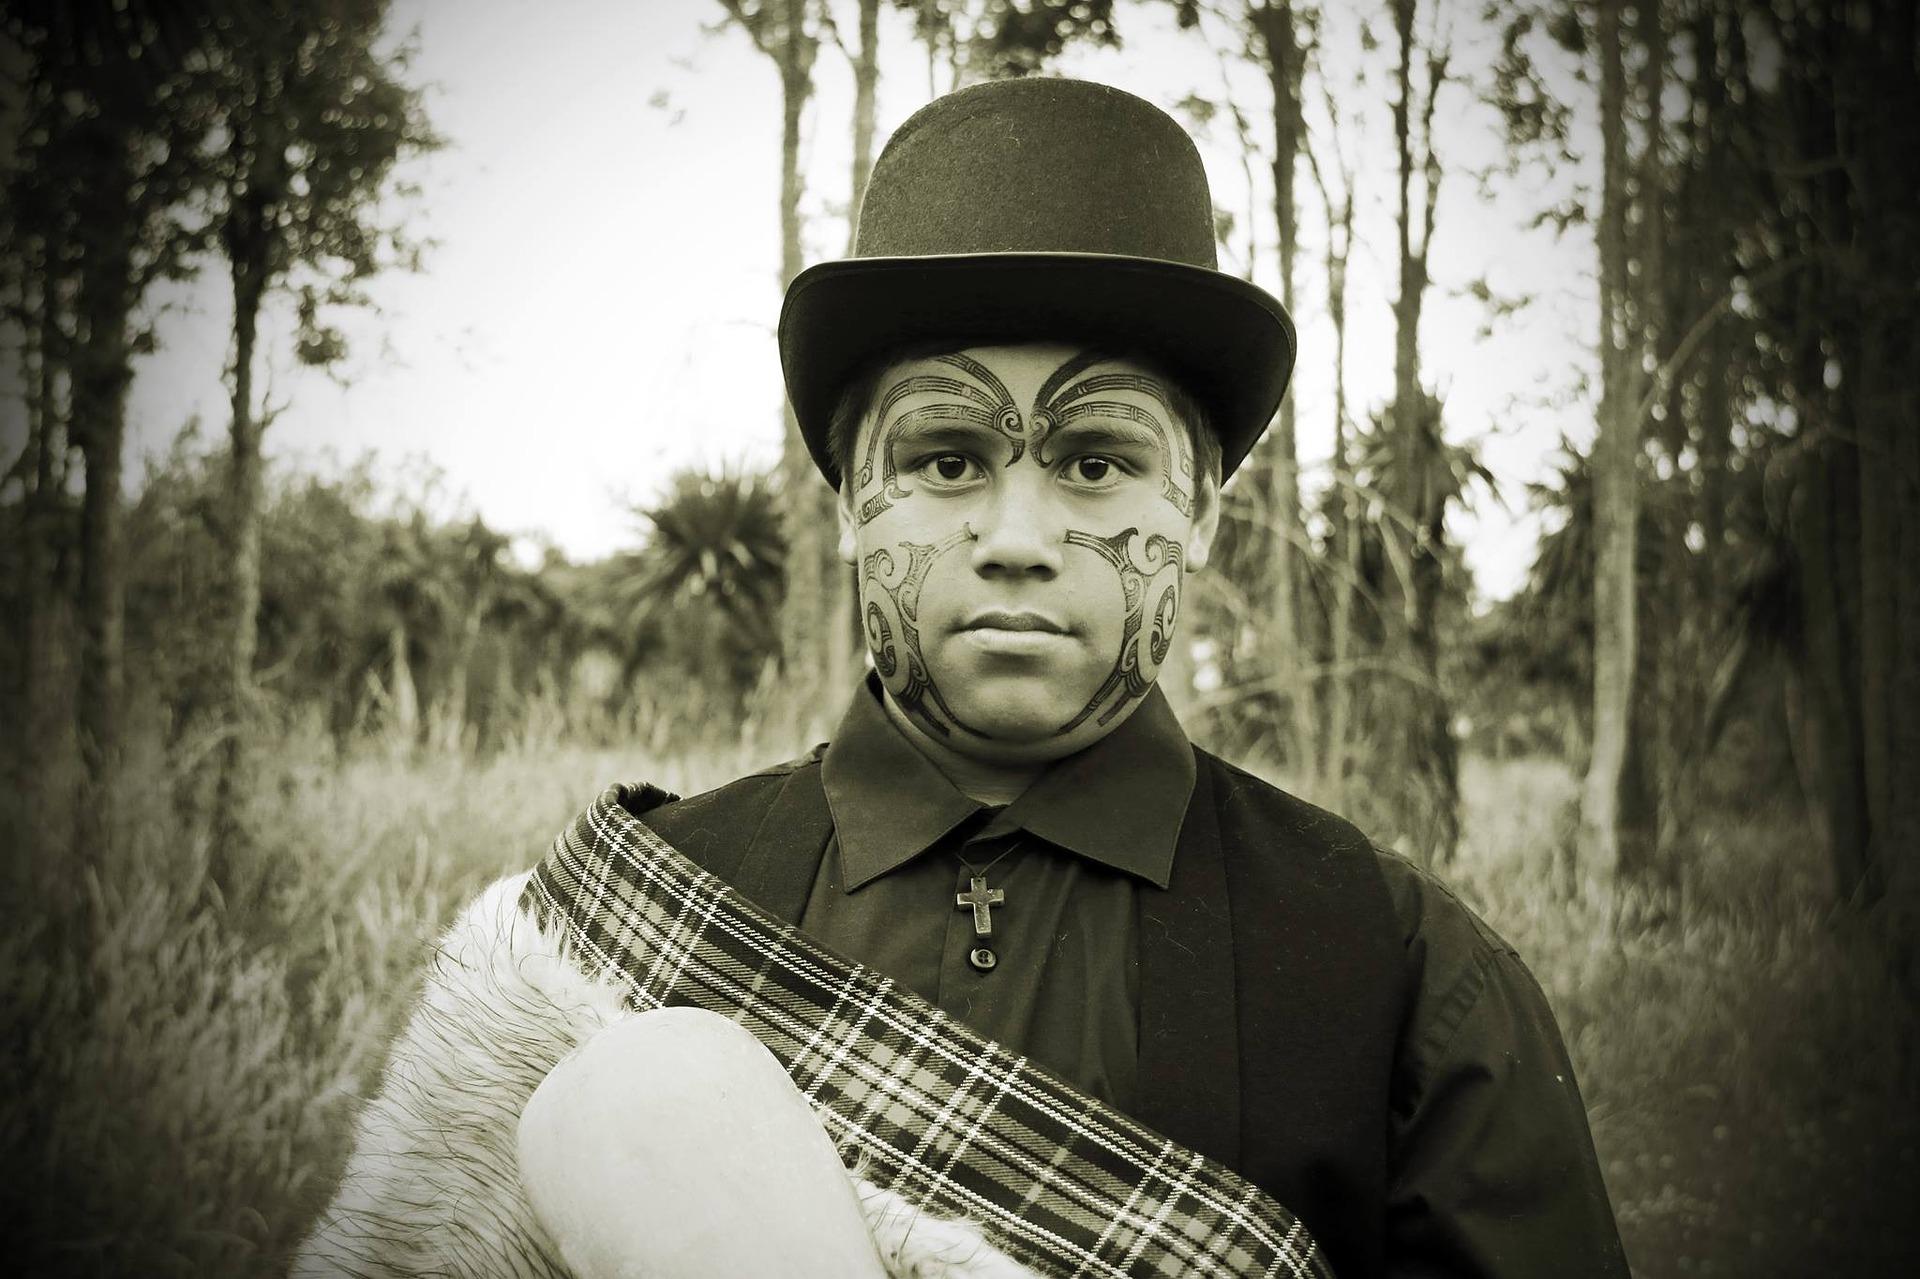 A tattooed male Maori face